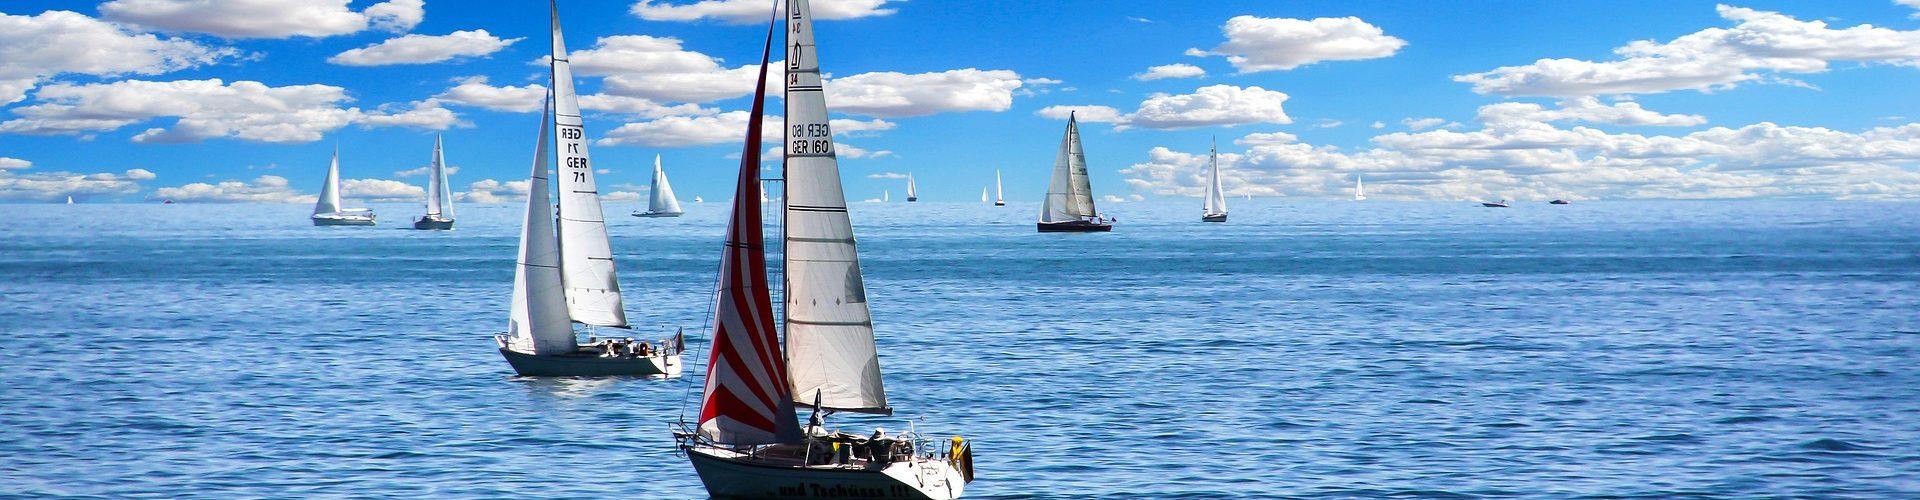 segeln lernen in Hoyerswerda segelschein machen in Hoyerswerda 1920x500 - Segeln lernen in Hoyerswerda